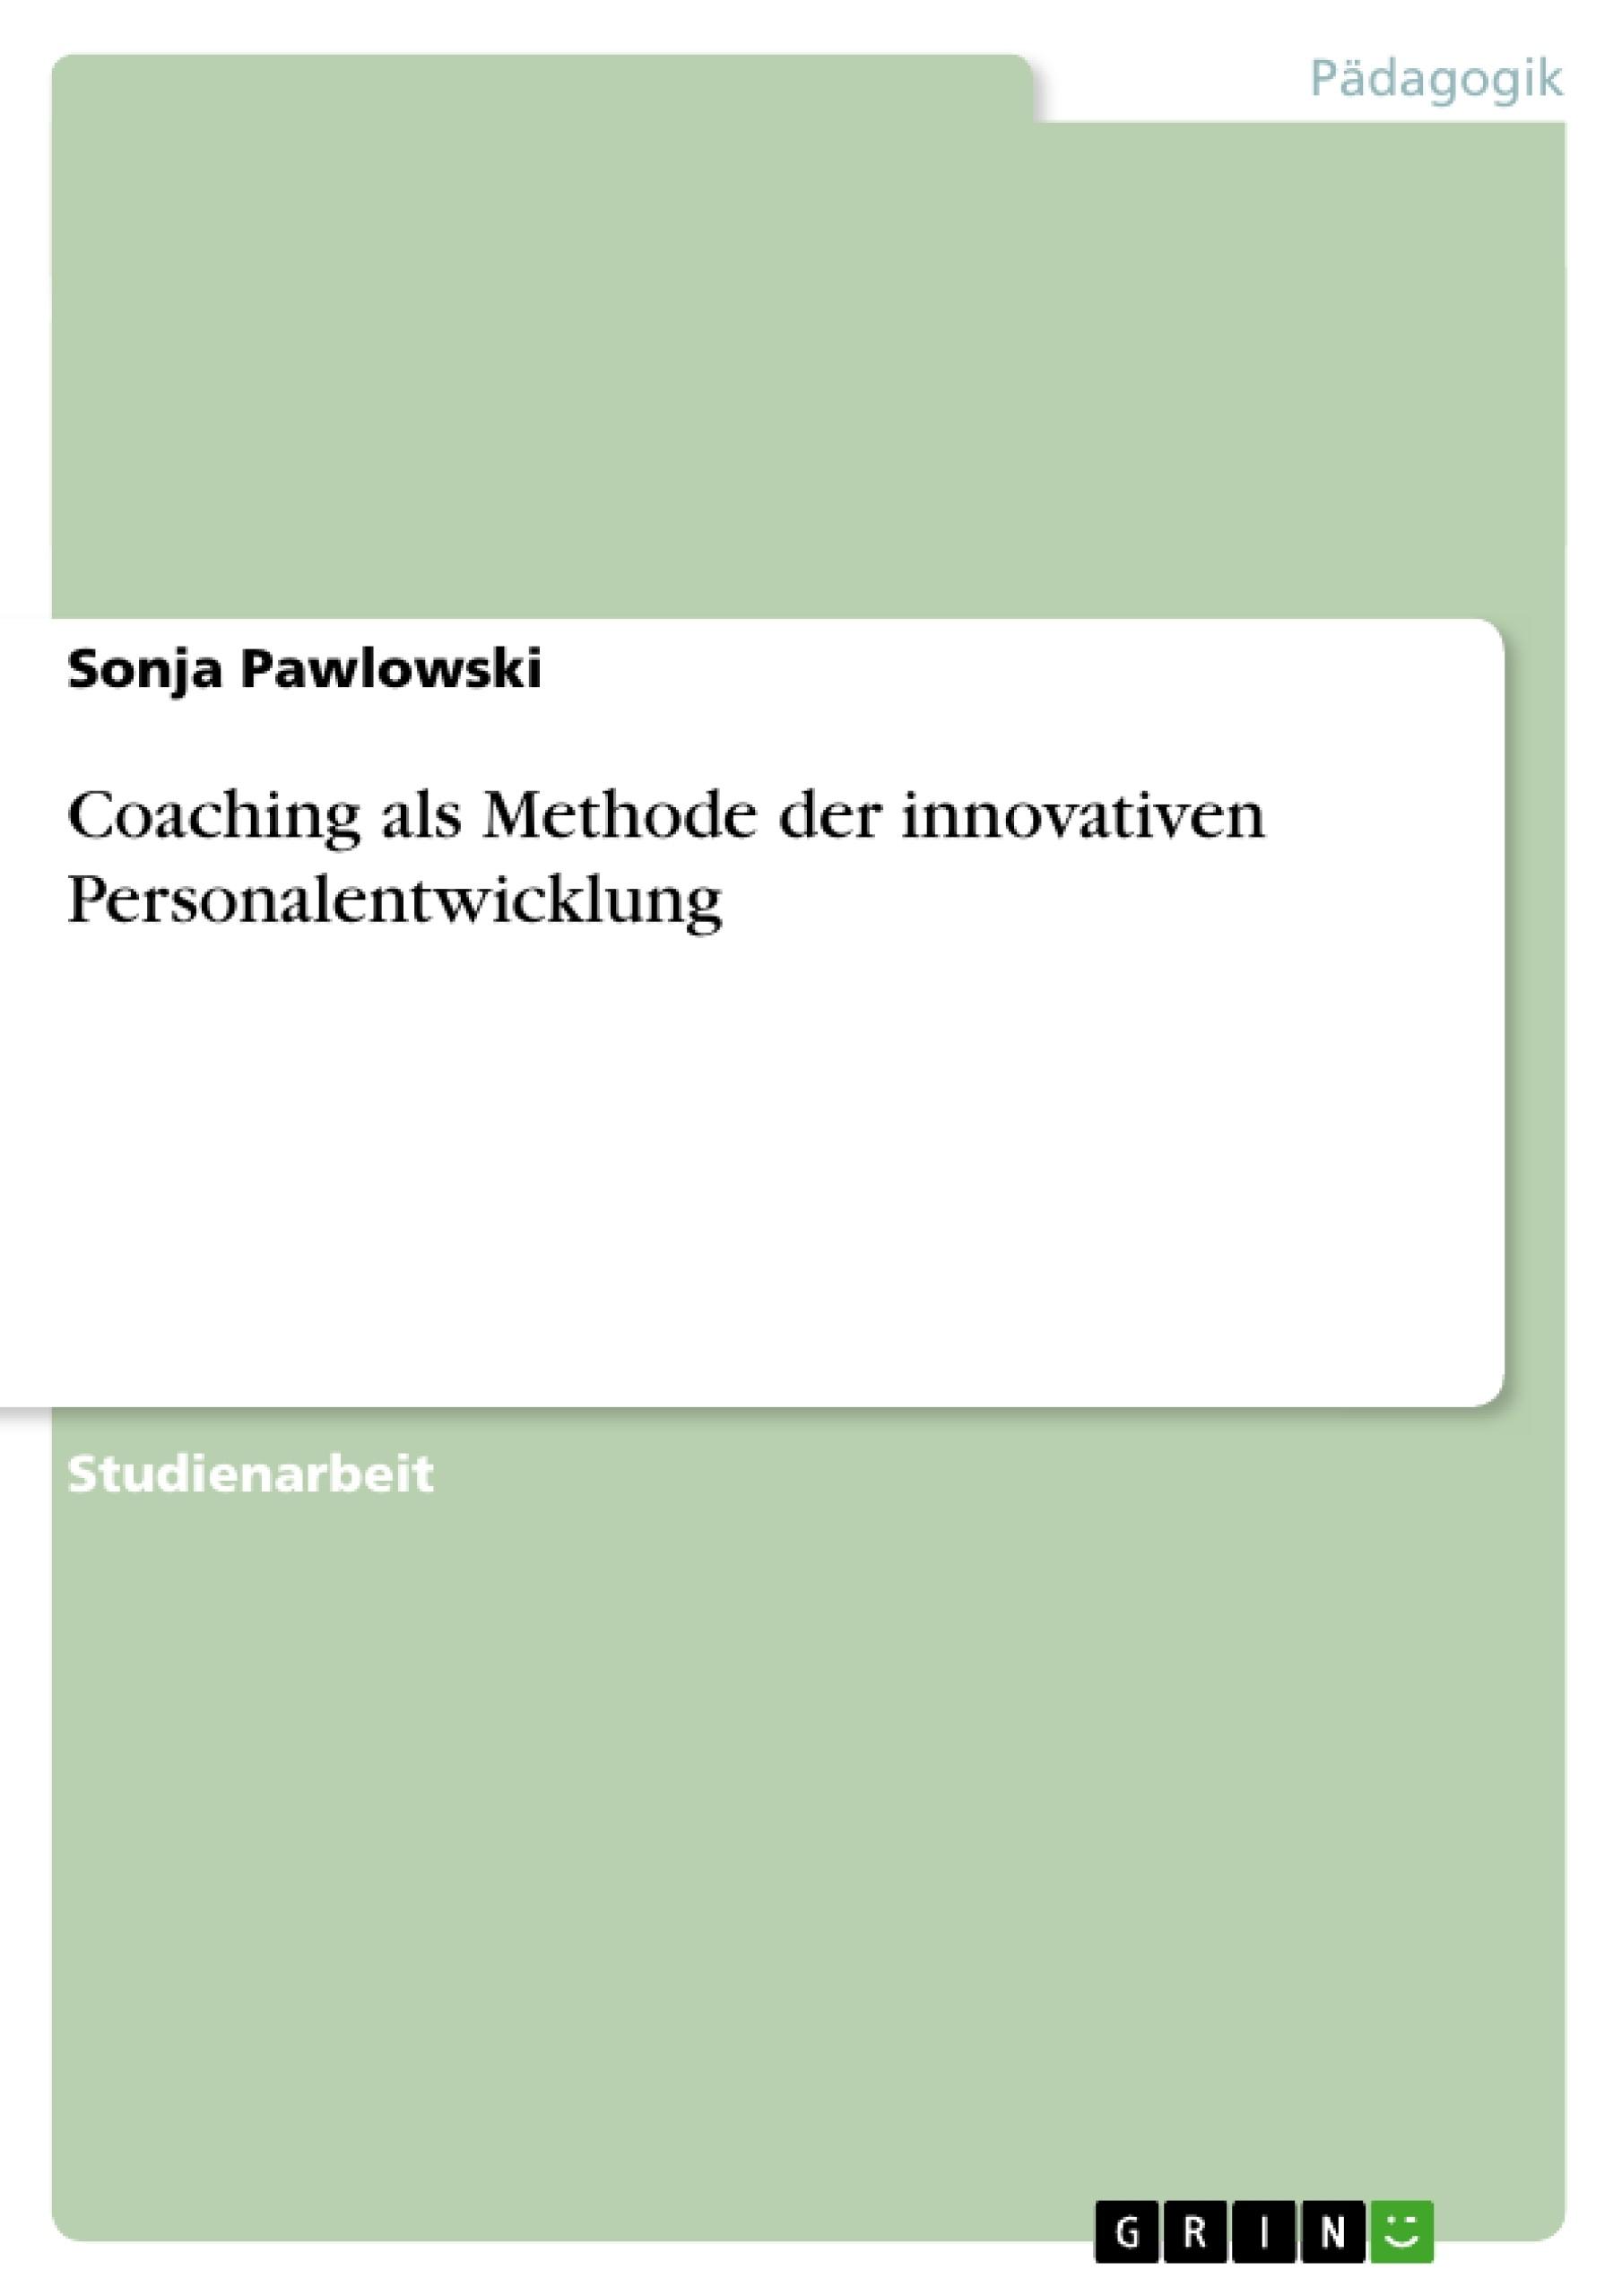 Titel: Coaching als Methode der innovativen Personalentwicklung